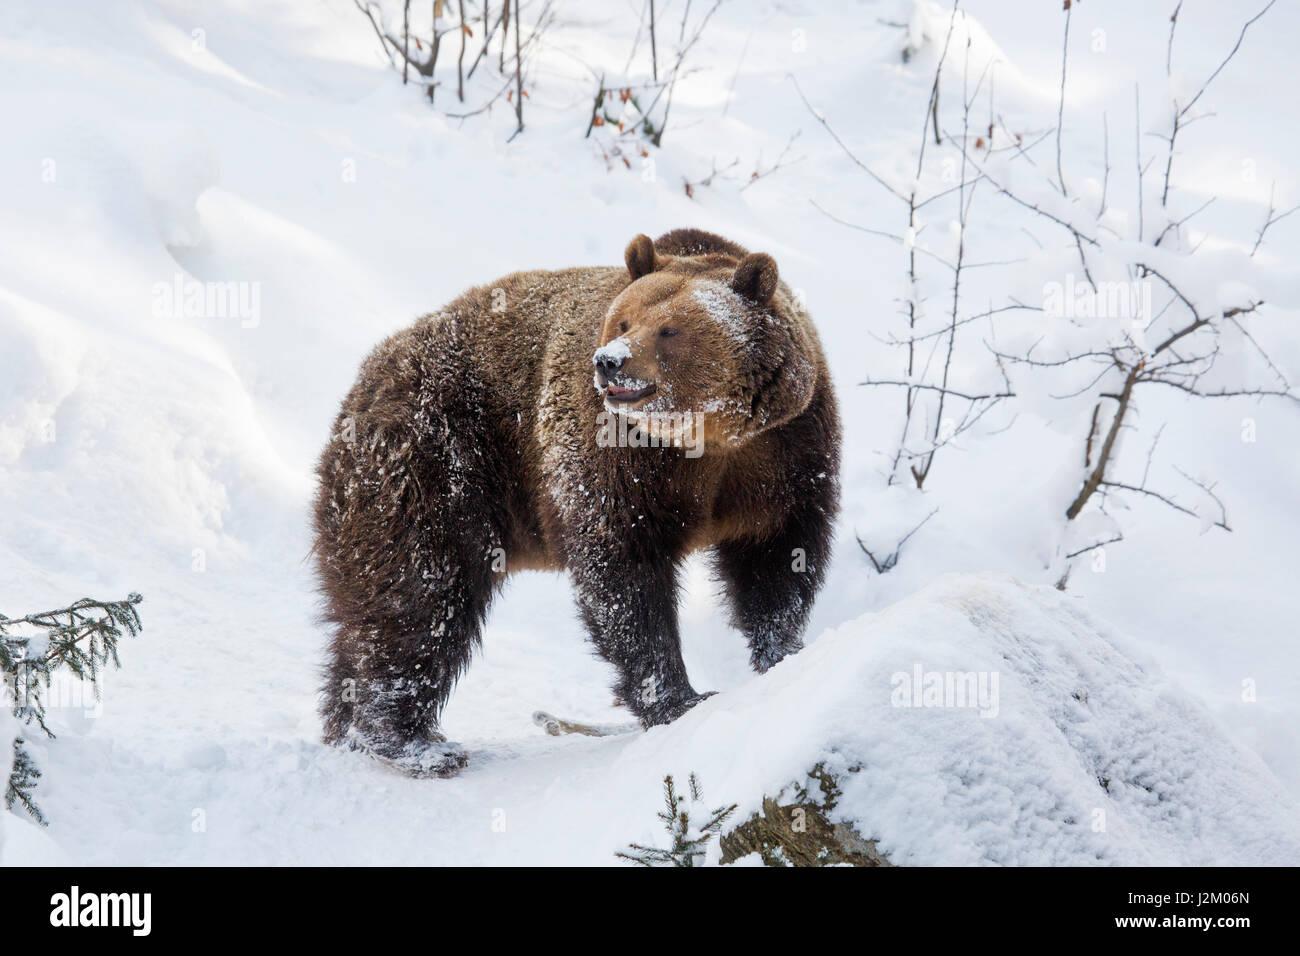 Unión oso pardo (Ursus arctos arctos) forrajeando en la nieve en invierno / primavera Imagen De Stock